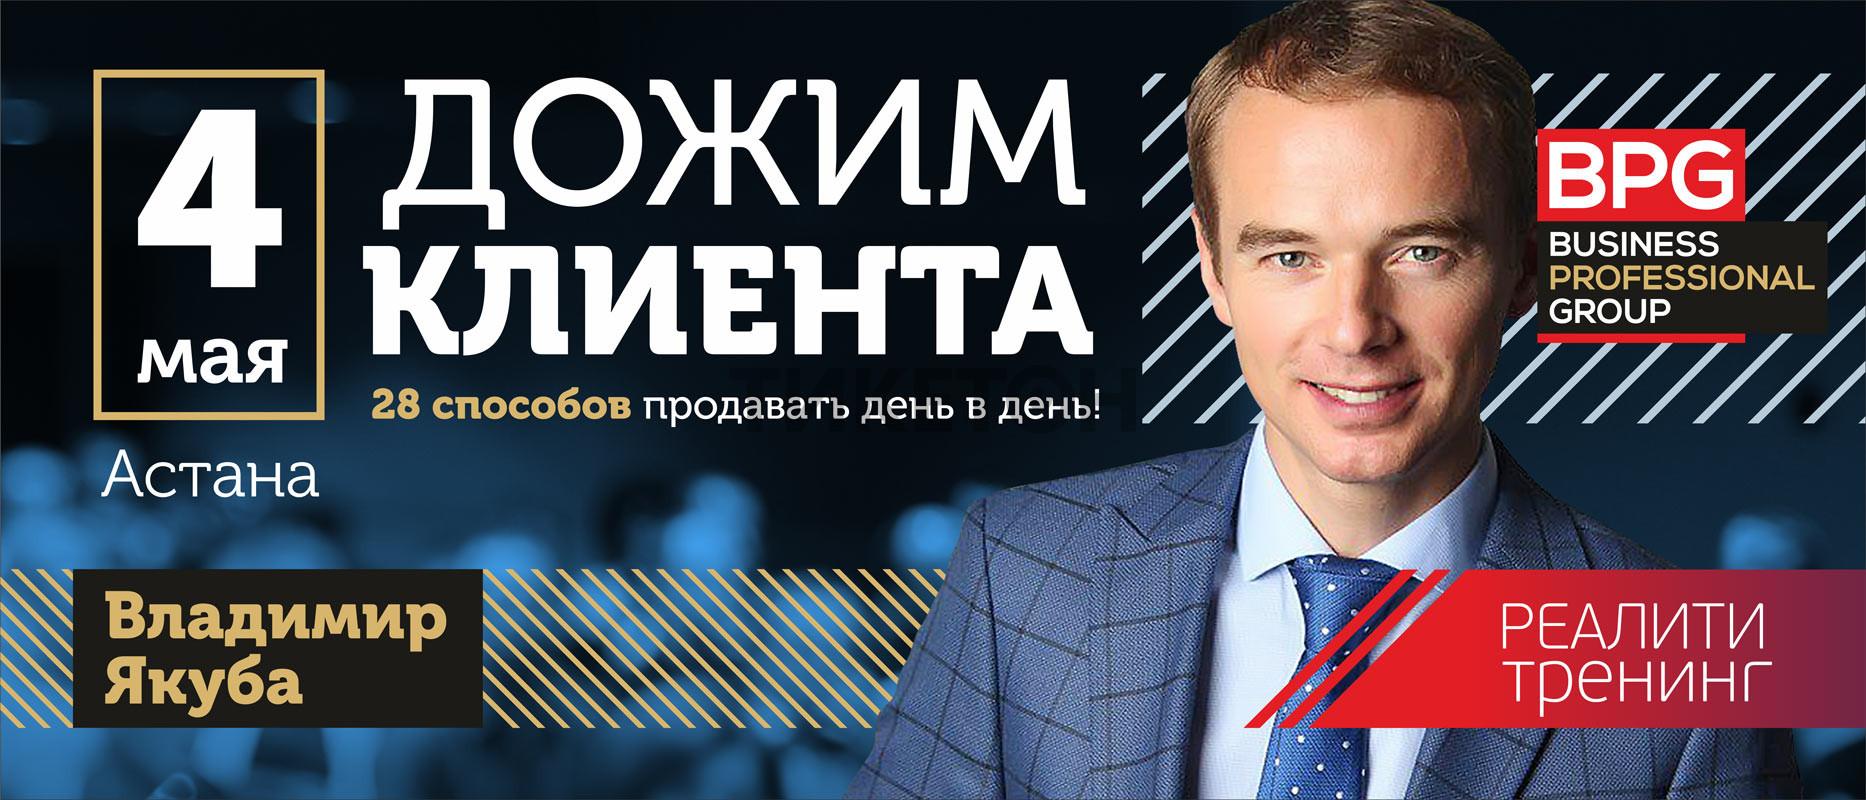 Тренинг Владимир Якуба «Дожим клиента»